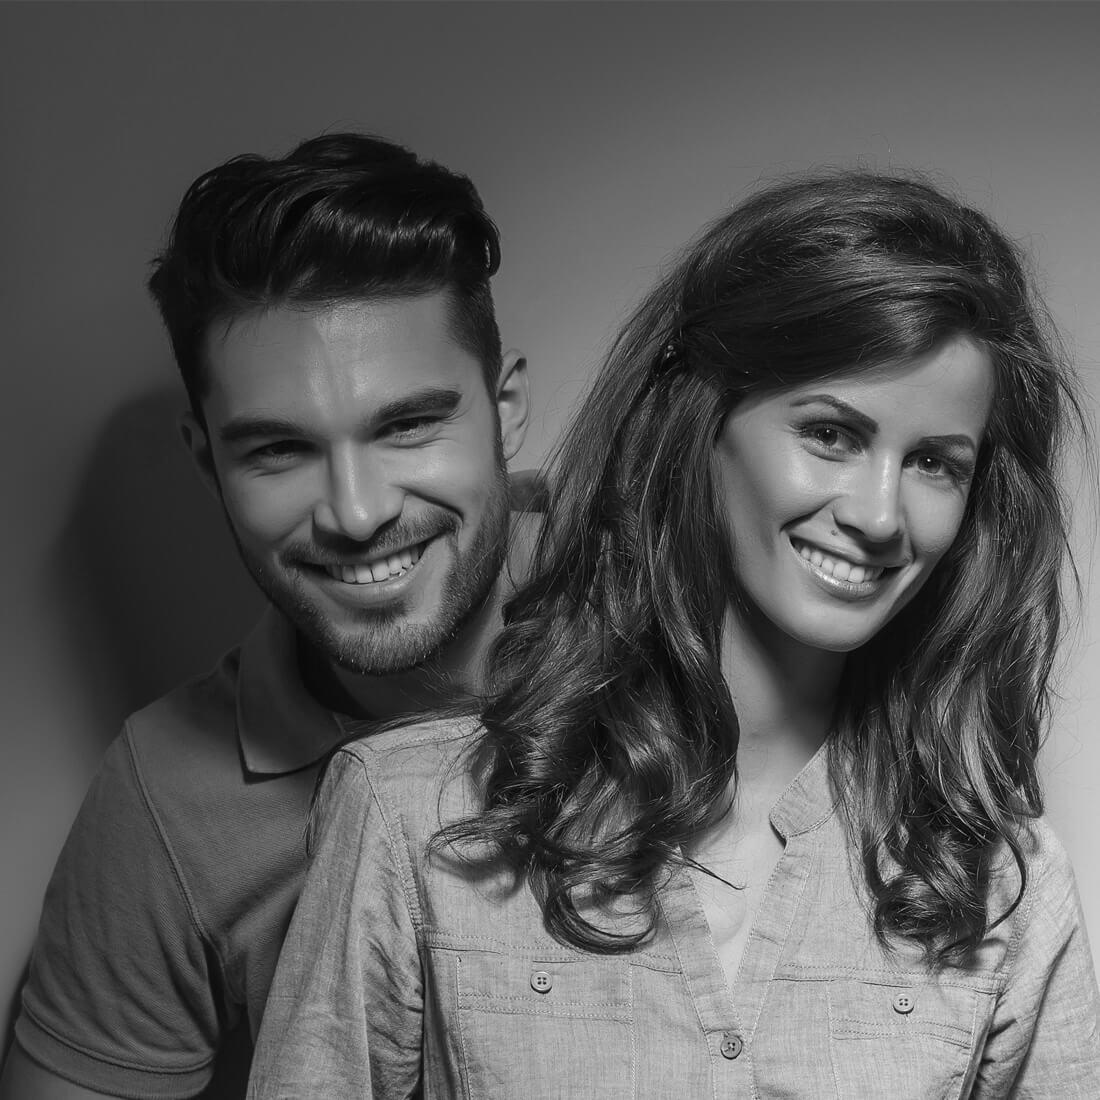 smilestore Zahnkosmetik Studio - Zahnaufhellung Express für Zwei